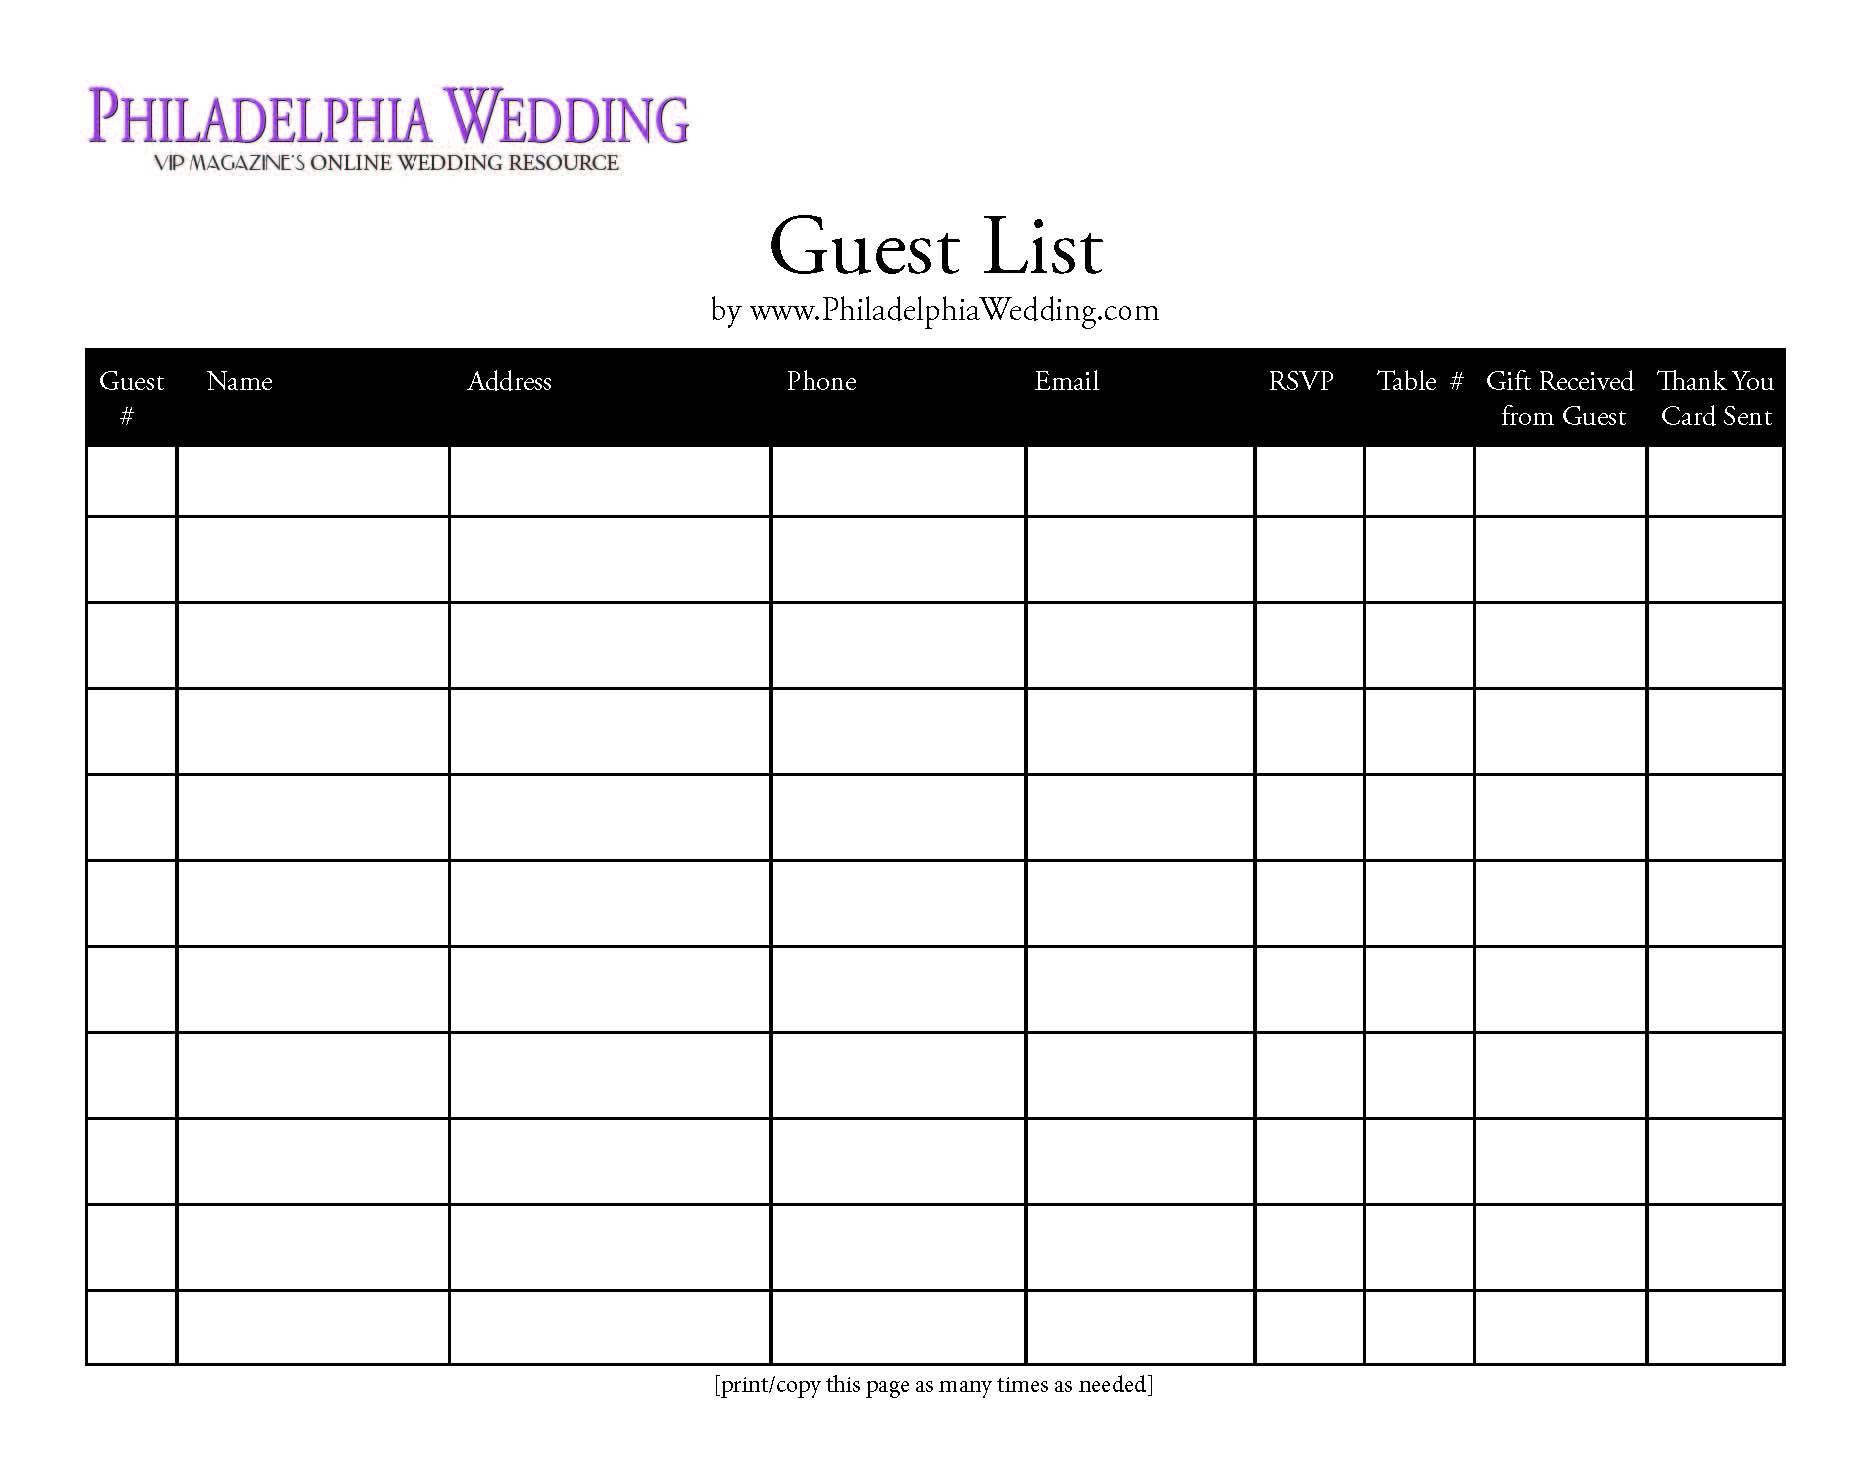 Wedding Guest List Template App Wedding Guest List Free Template – Guest Card Template